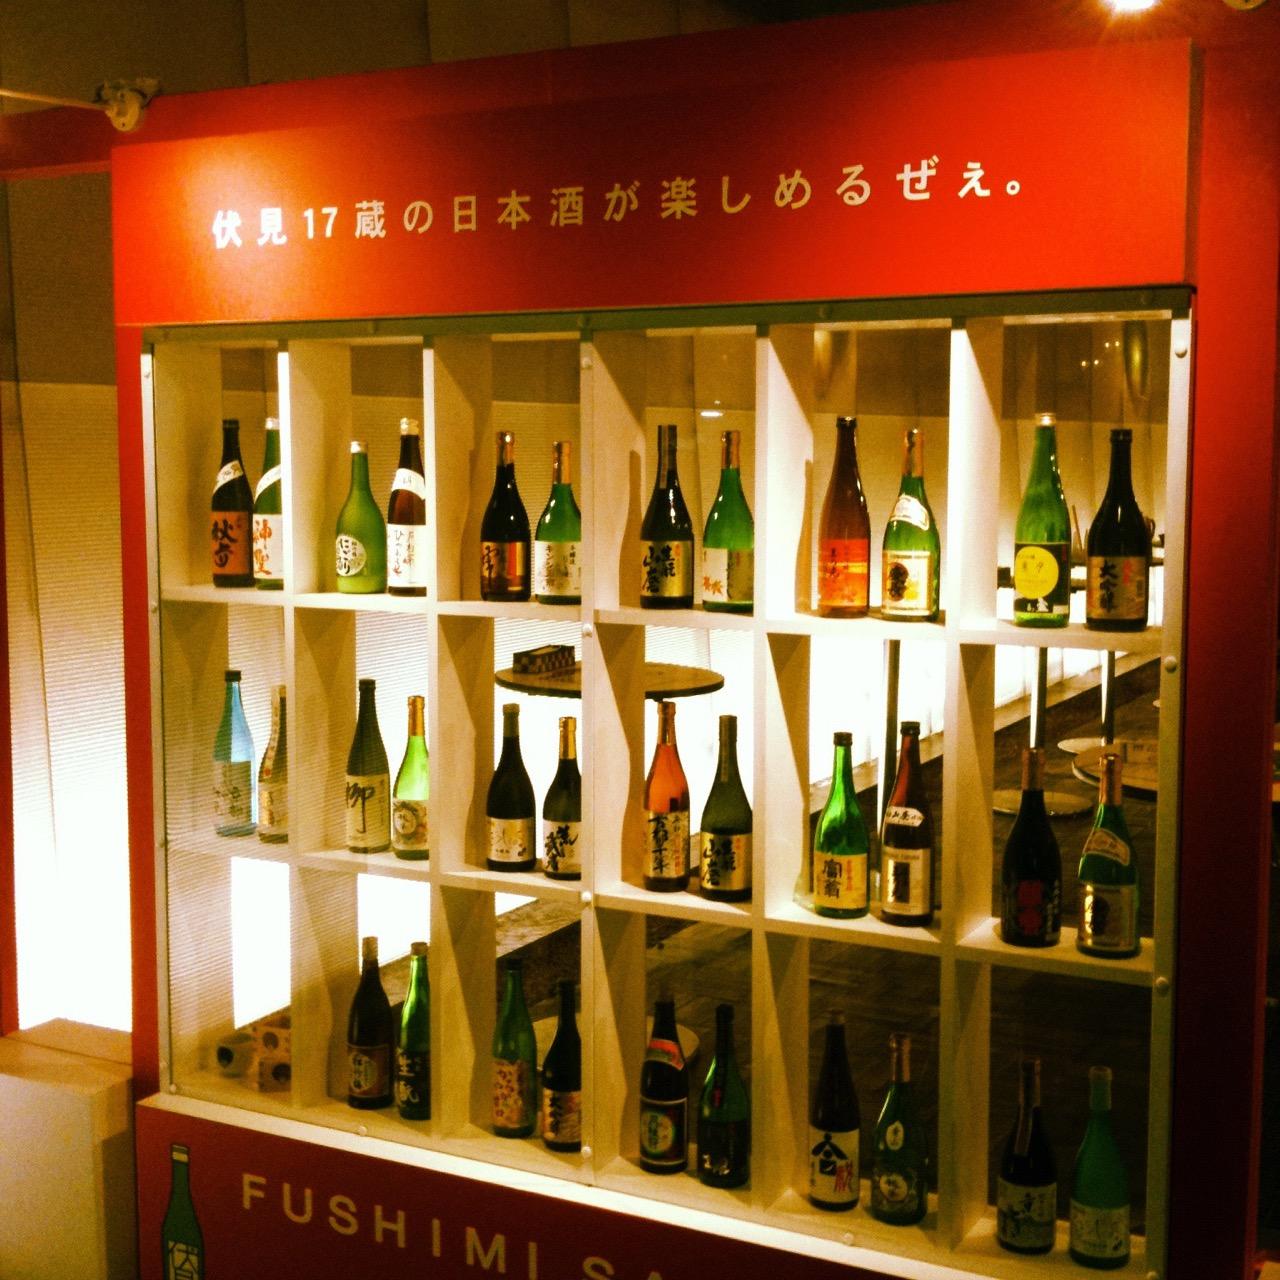 伏見 Sakezo's Bar 2011 日本酒テイスティングノート 1